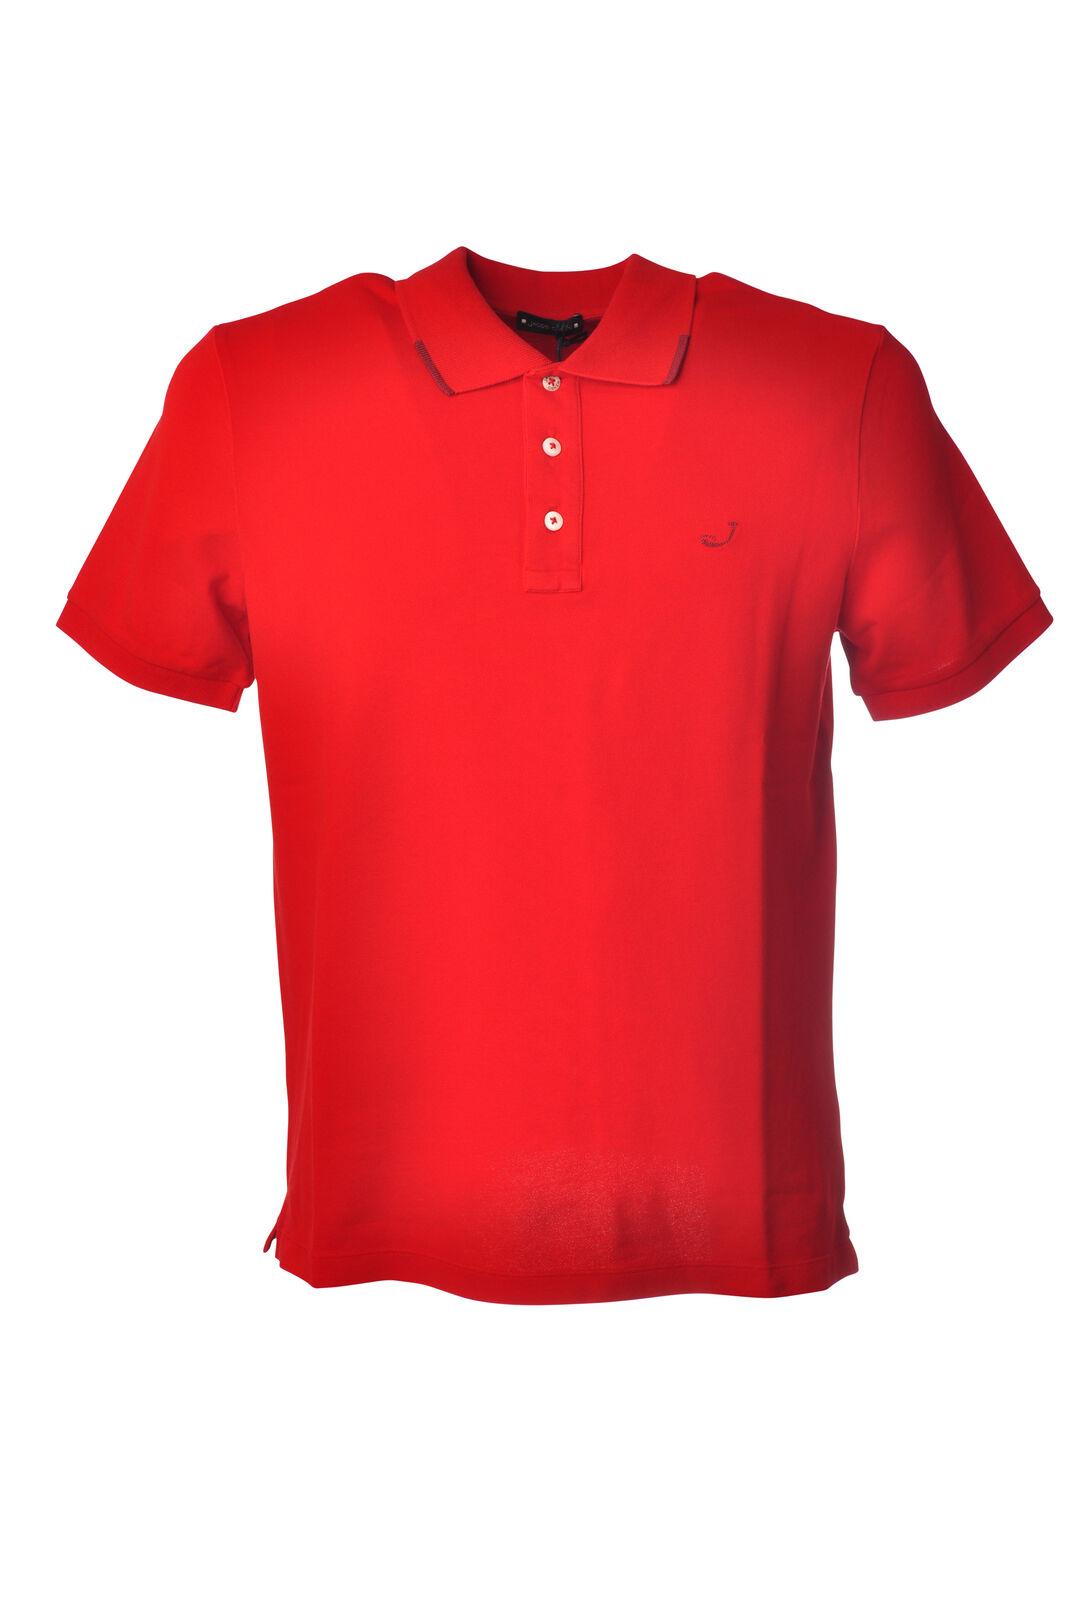 Jacob Cohen - Topwear-Polo - Man - ROT - 5292225I185817